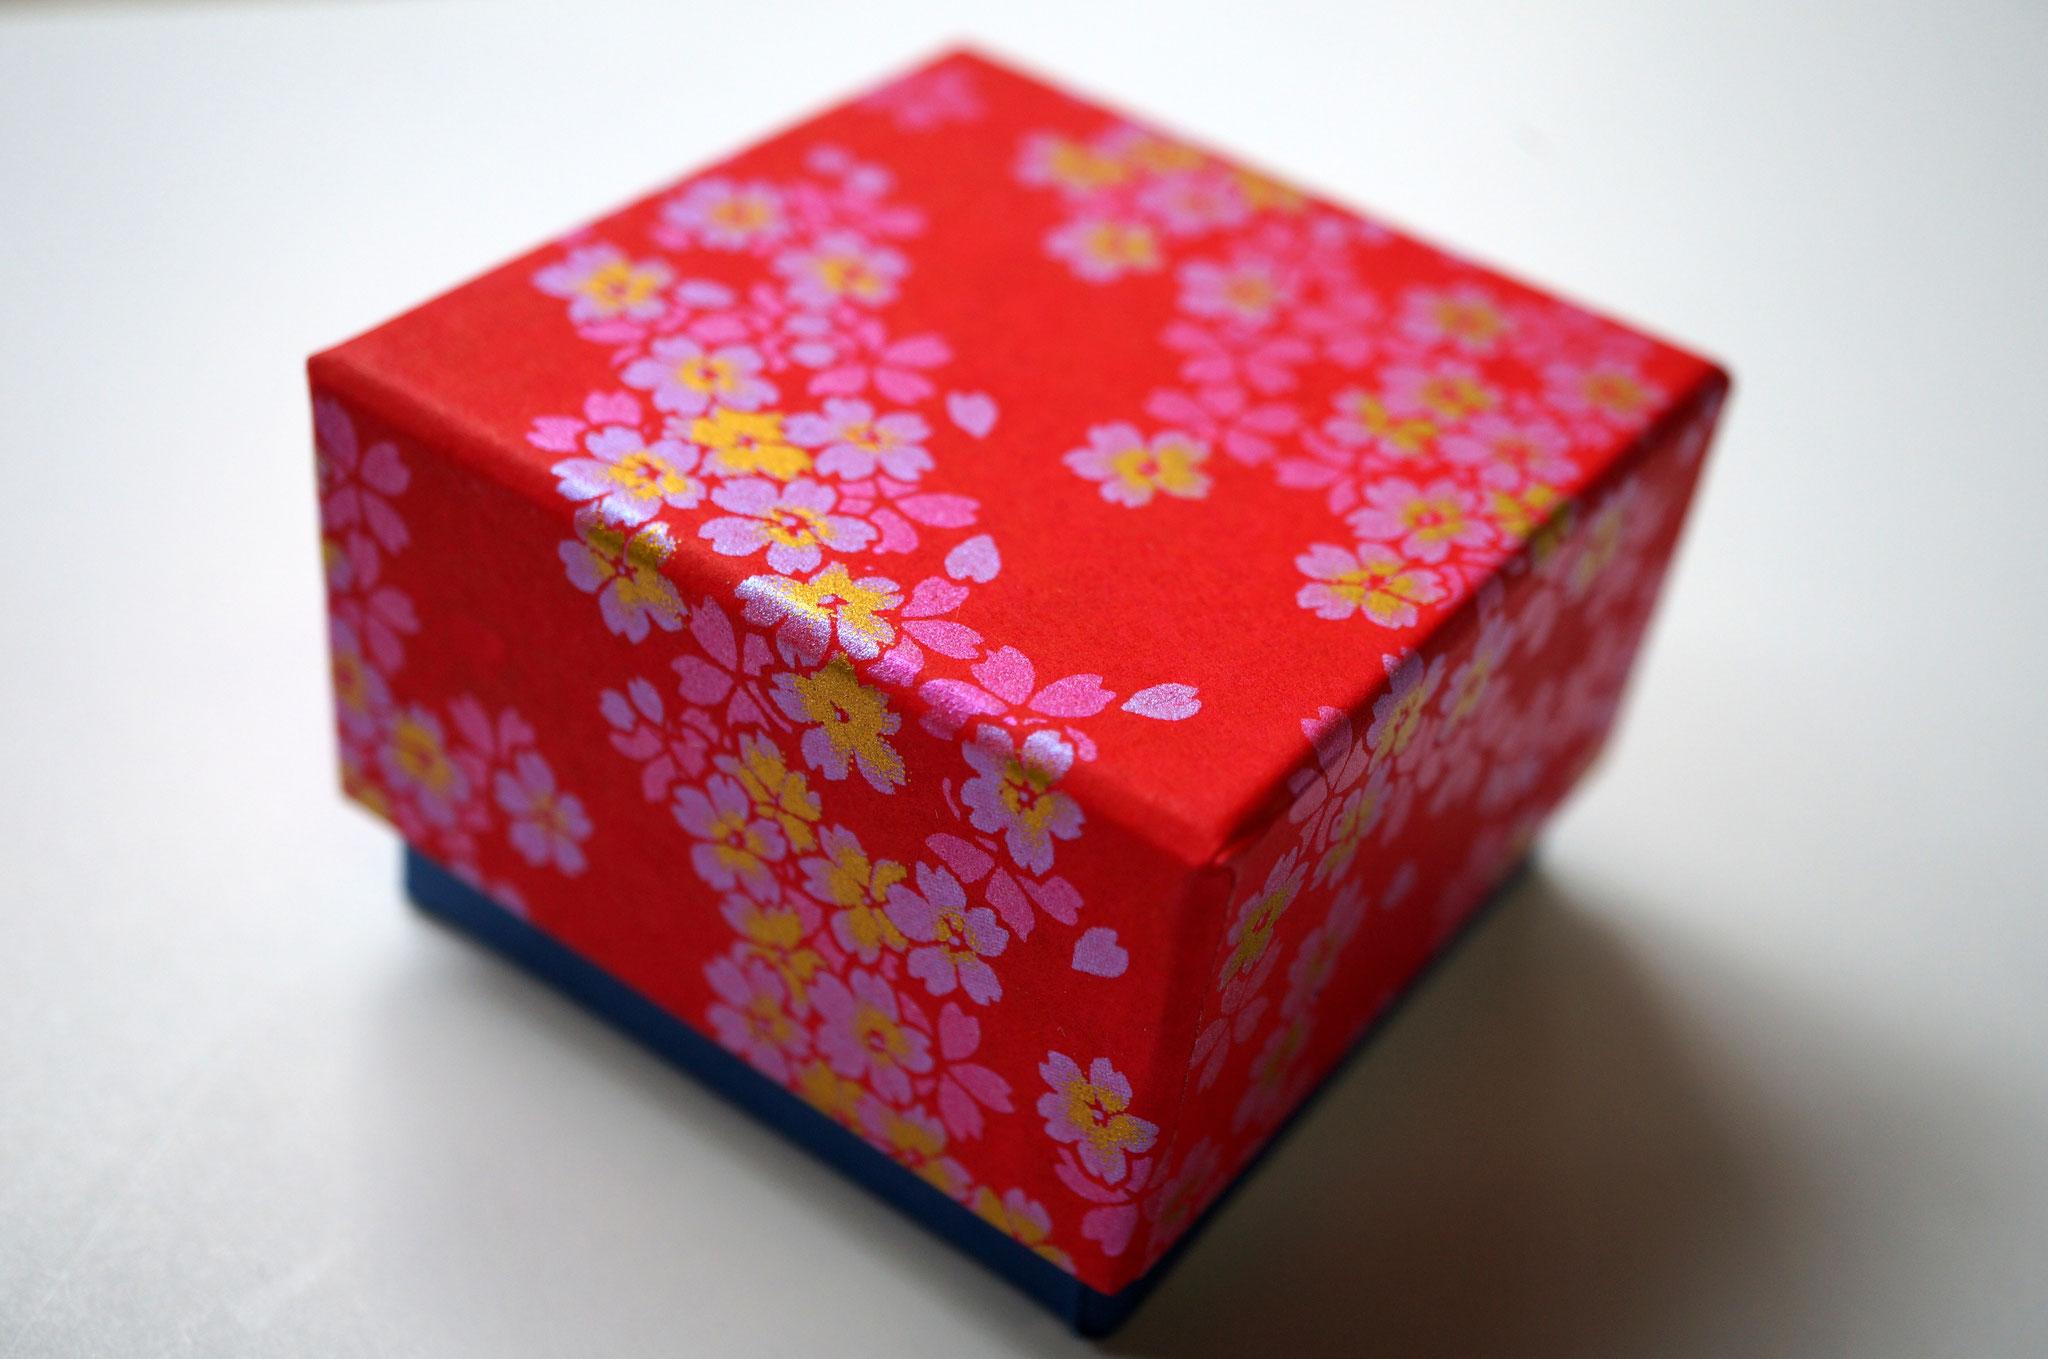 千代紙と紺色の鳥の子紙の貼り箱3